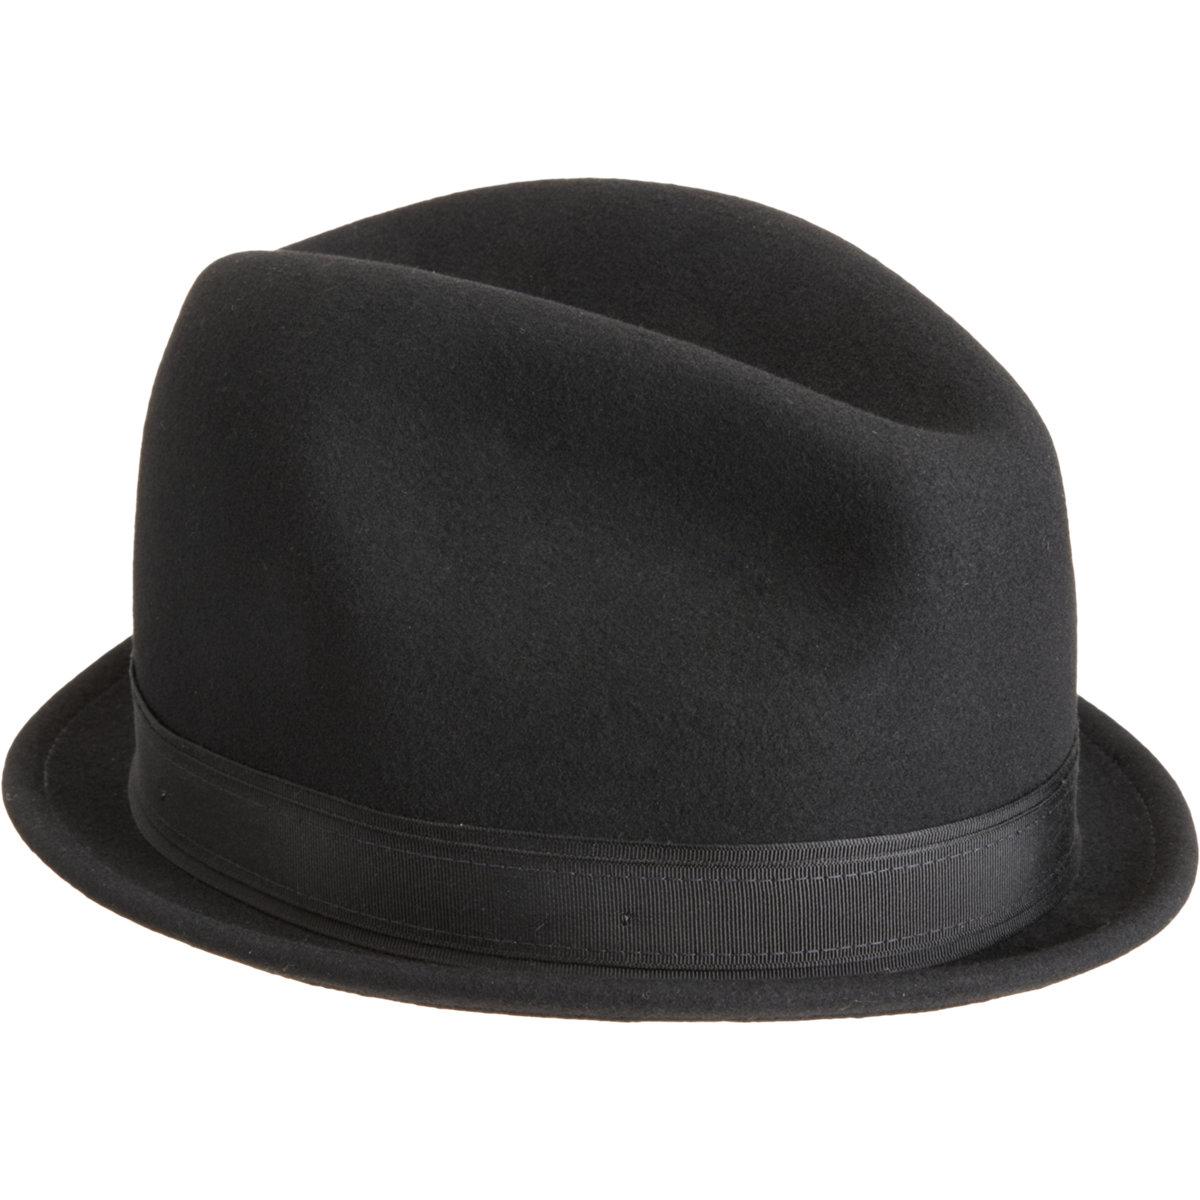 8004e739a57f4 Rag   Bone Center Dent Fedora in Black for Men - Lyst